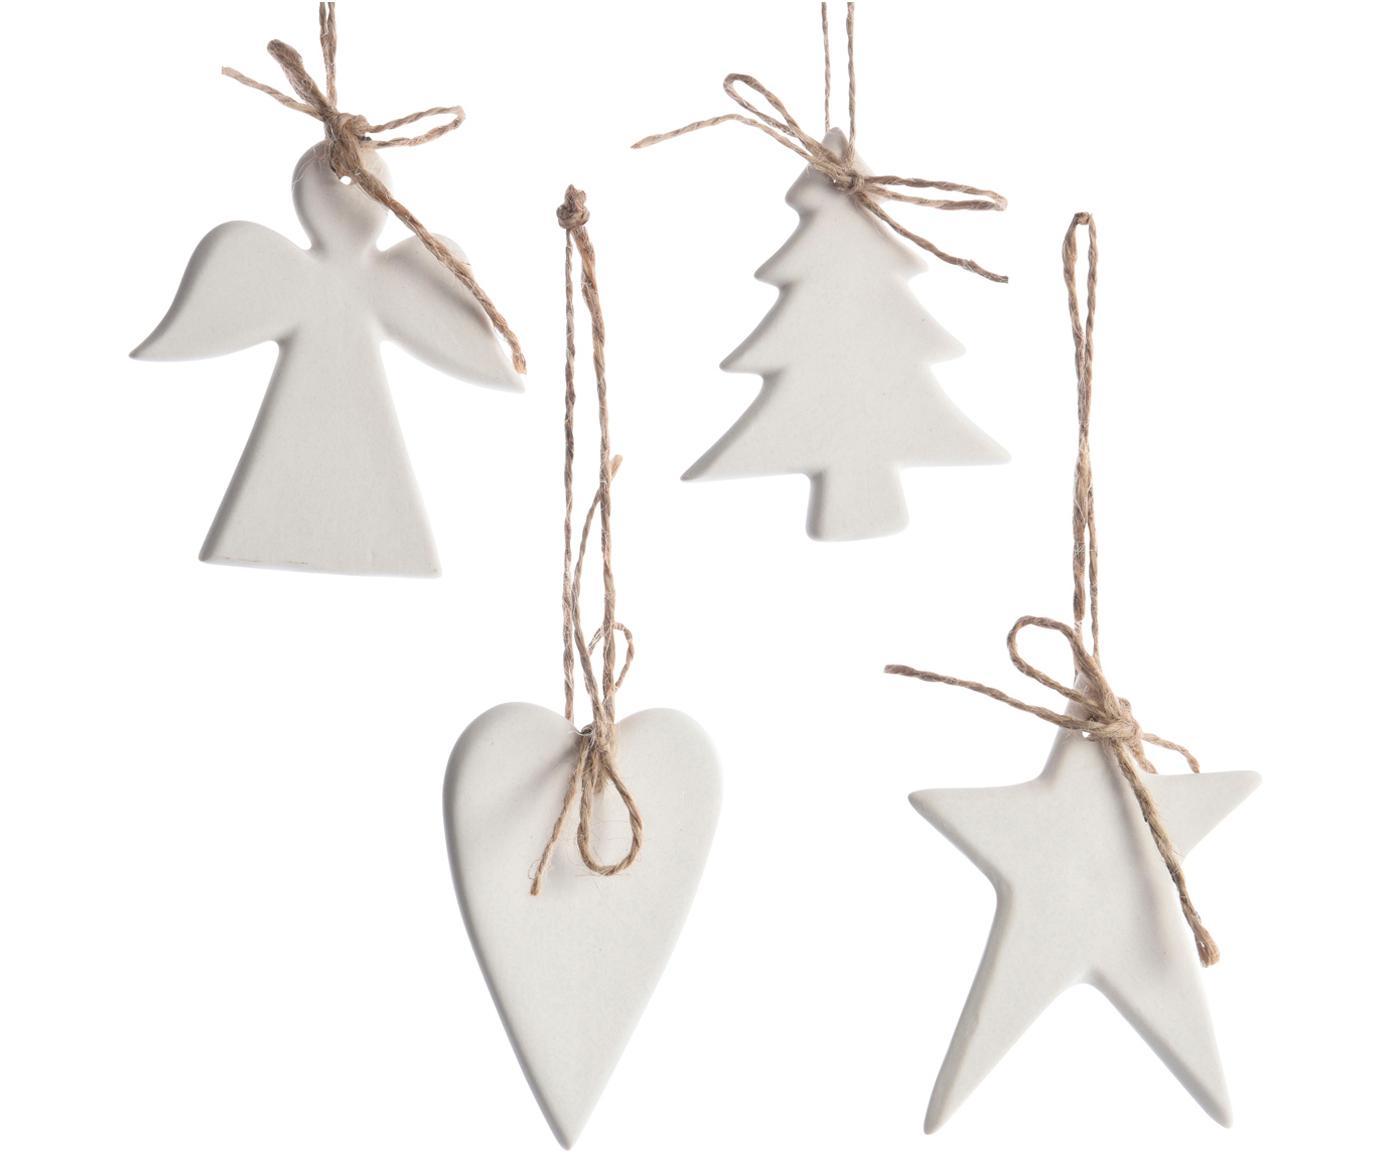 Baumanhänger-Set Ornament, 4-tlg., Weiss, 6 x 8 cm